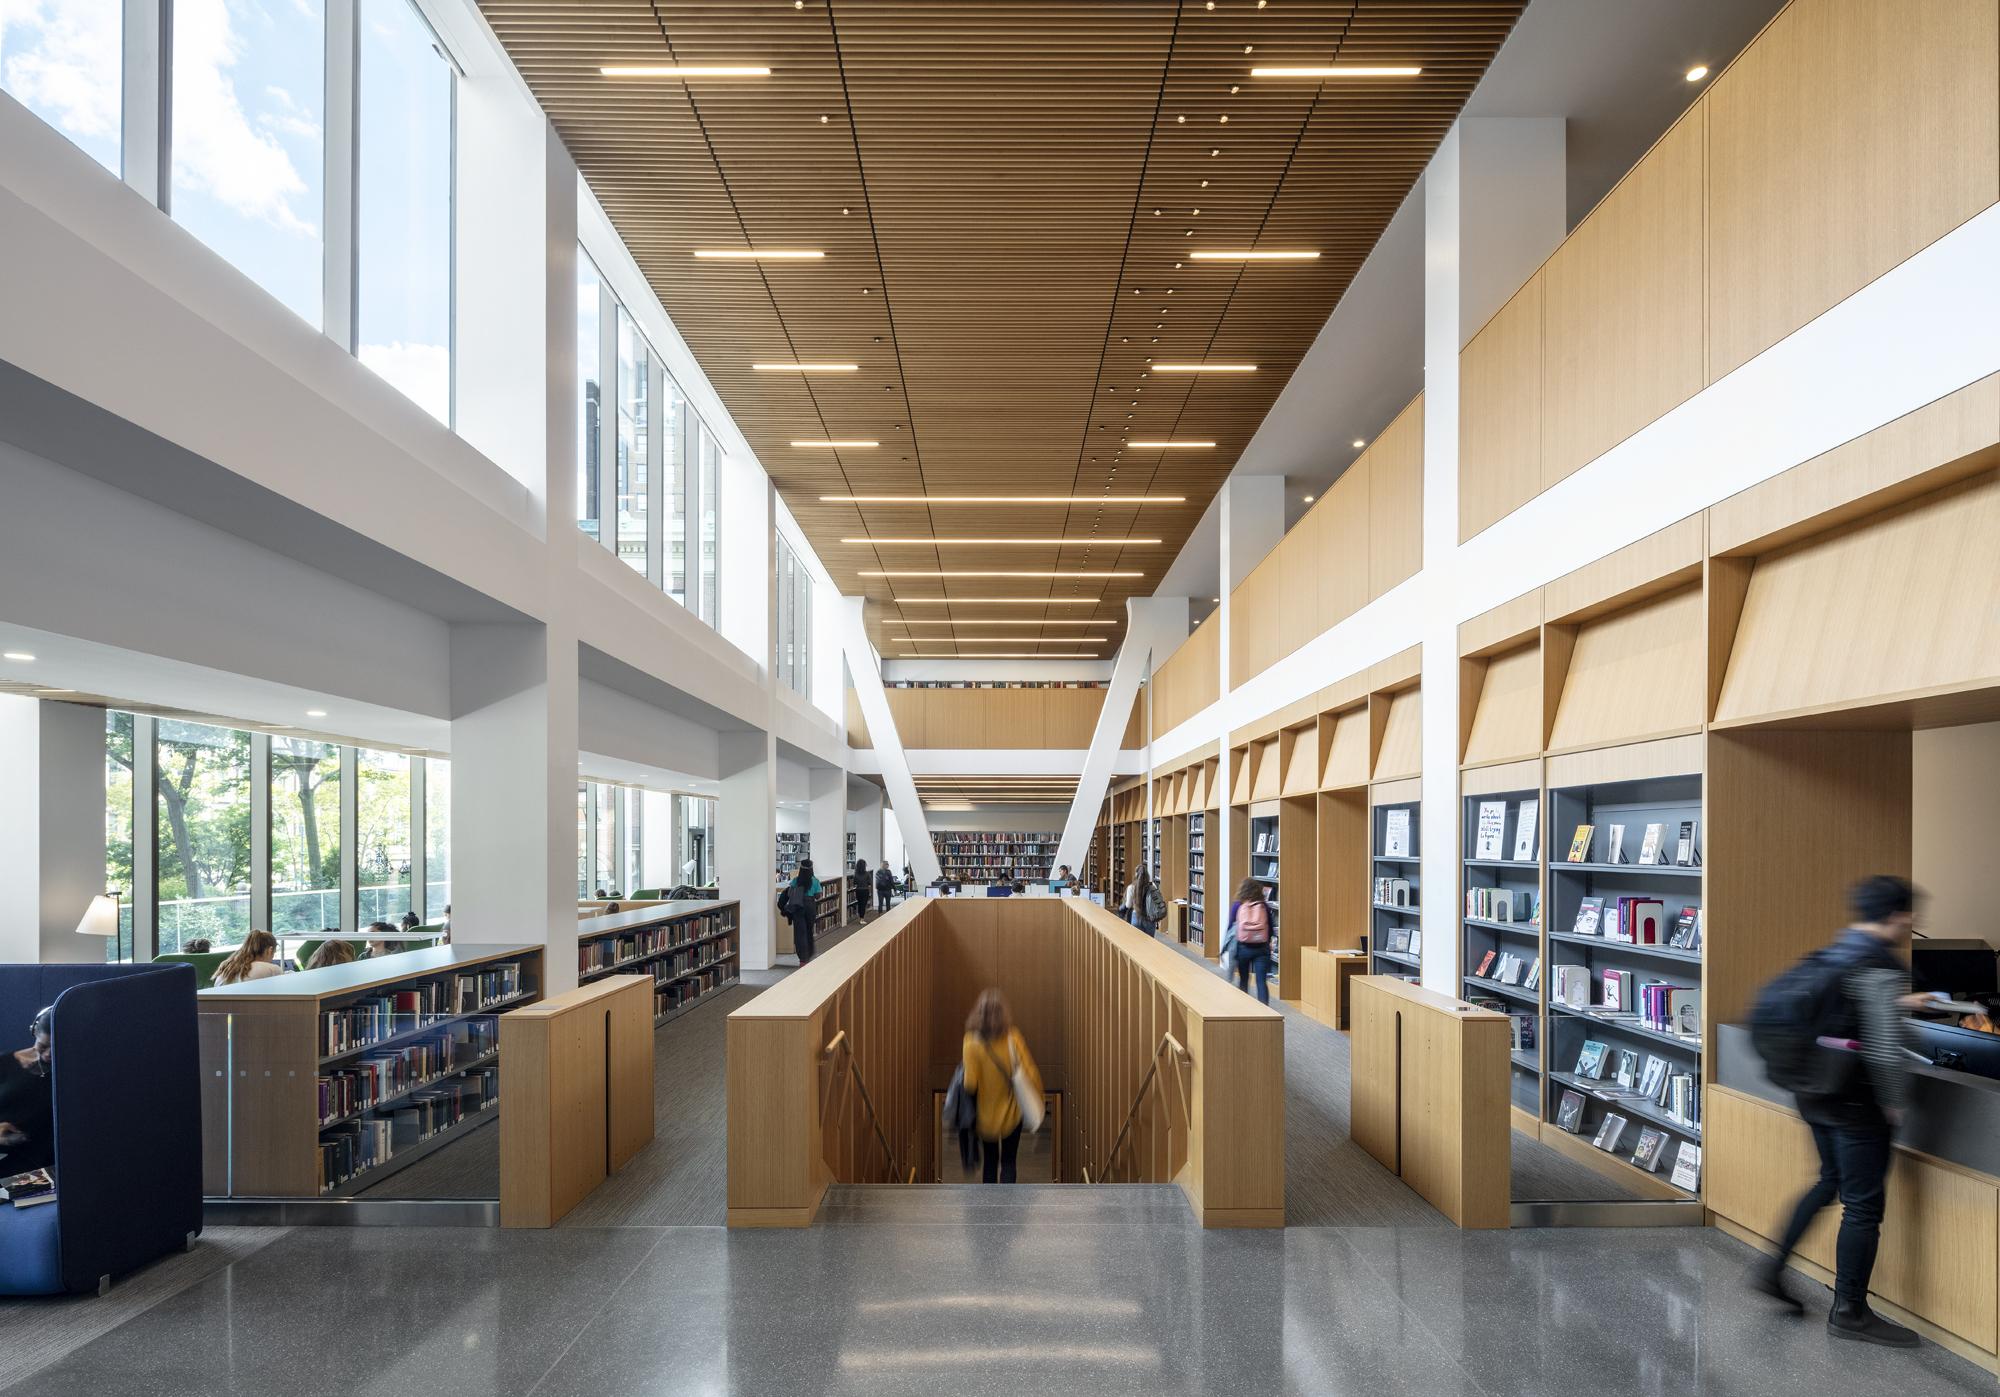 Barnard College   Skidmore, Owings & Merrill